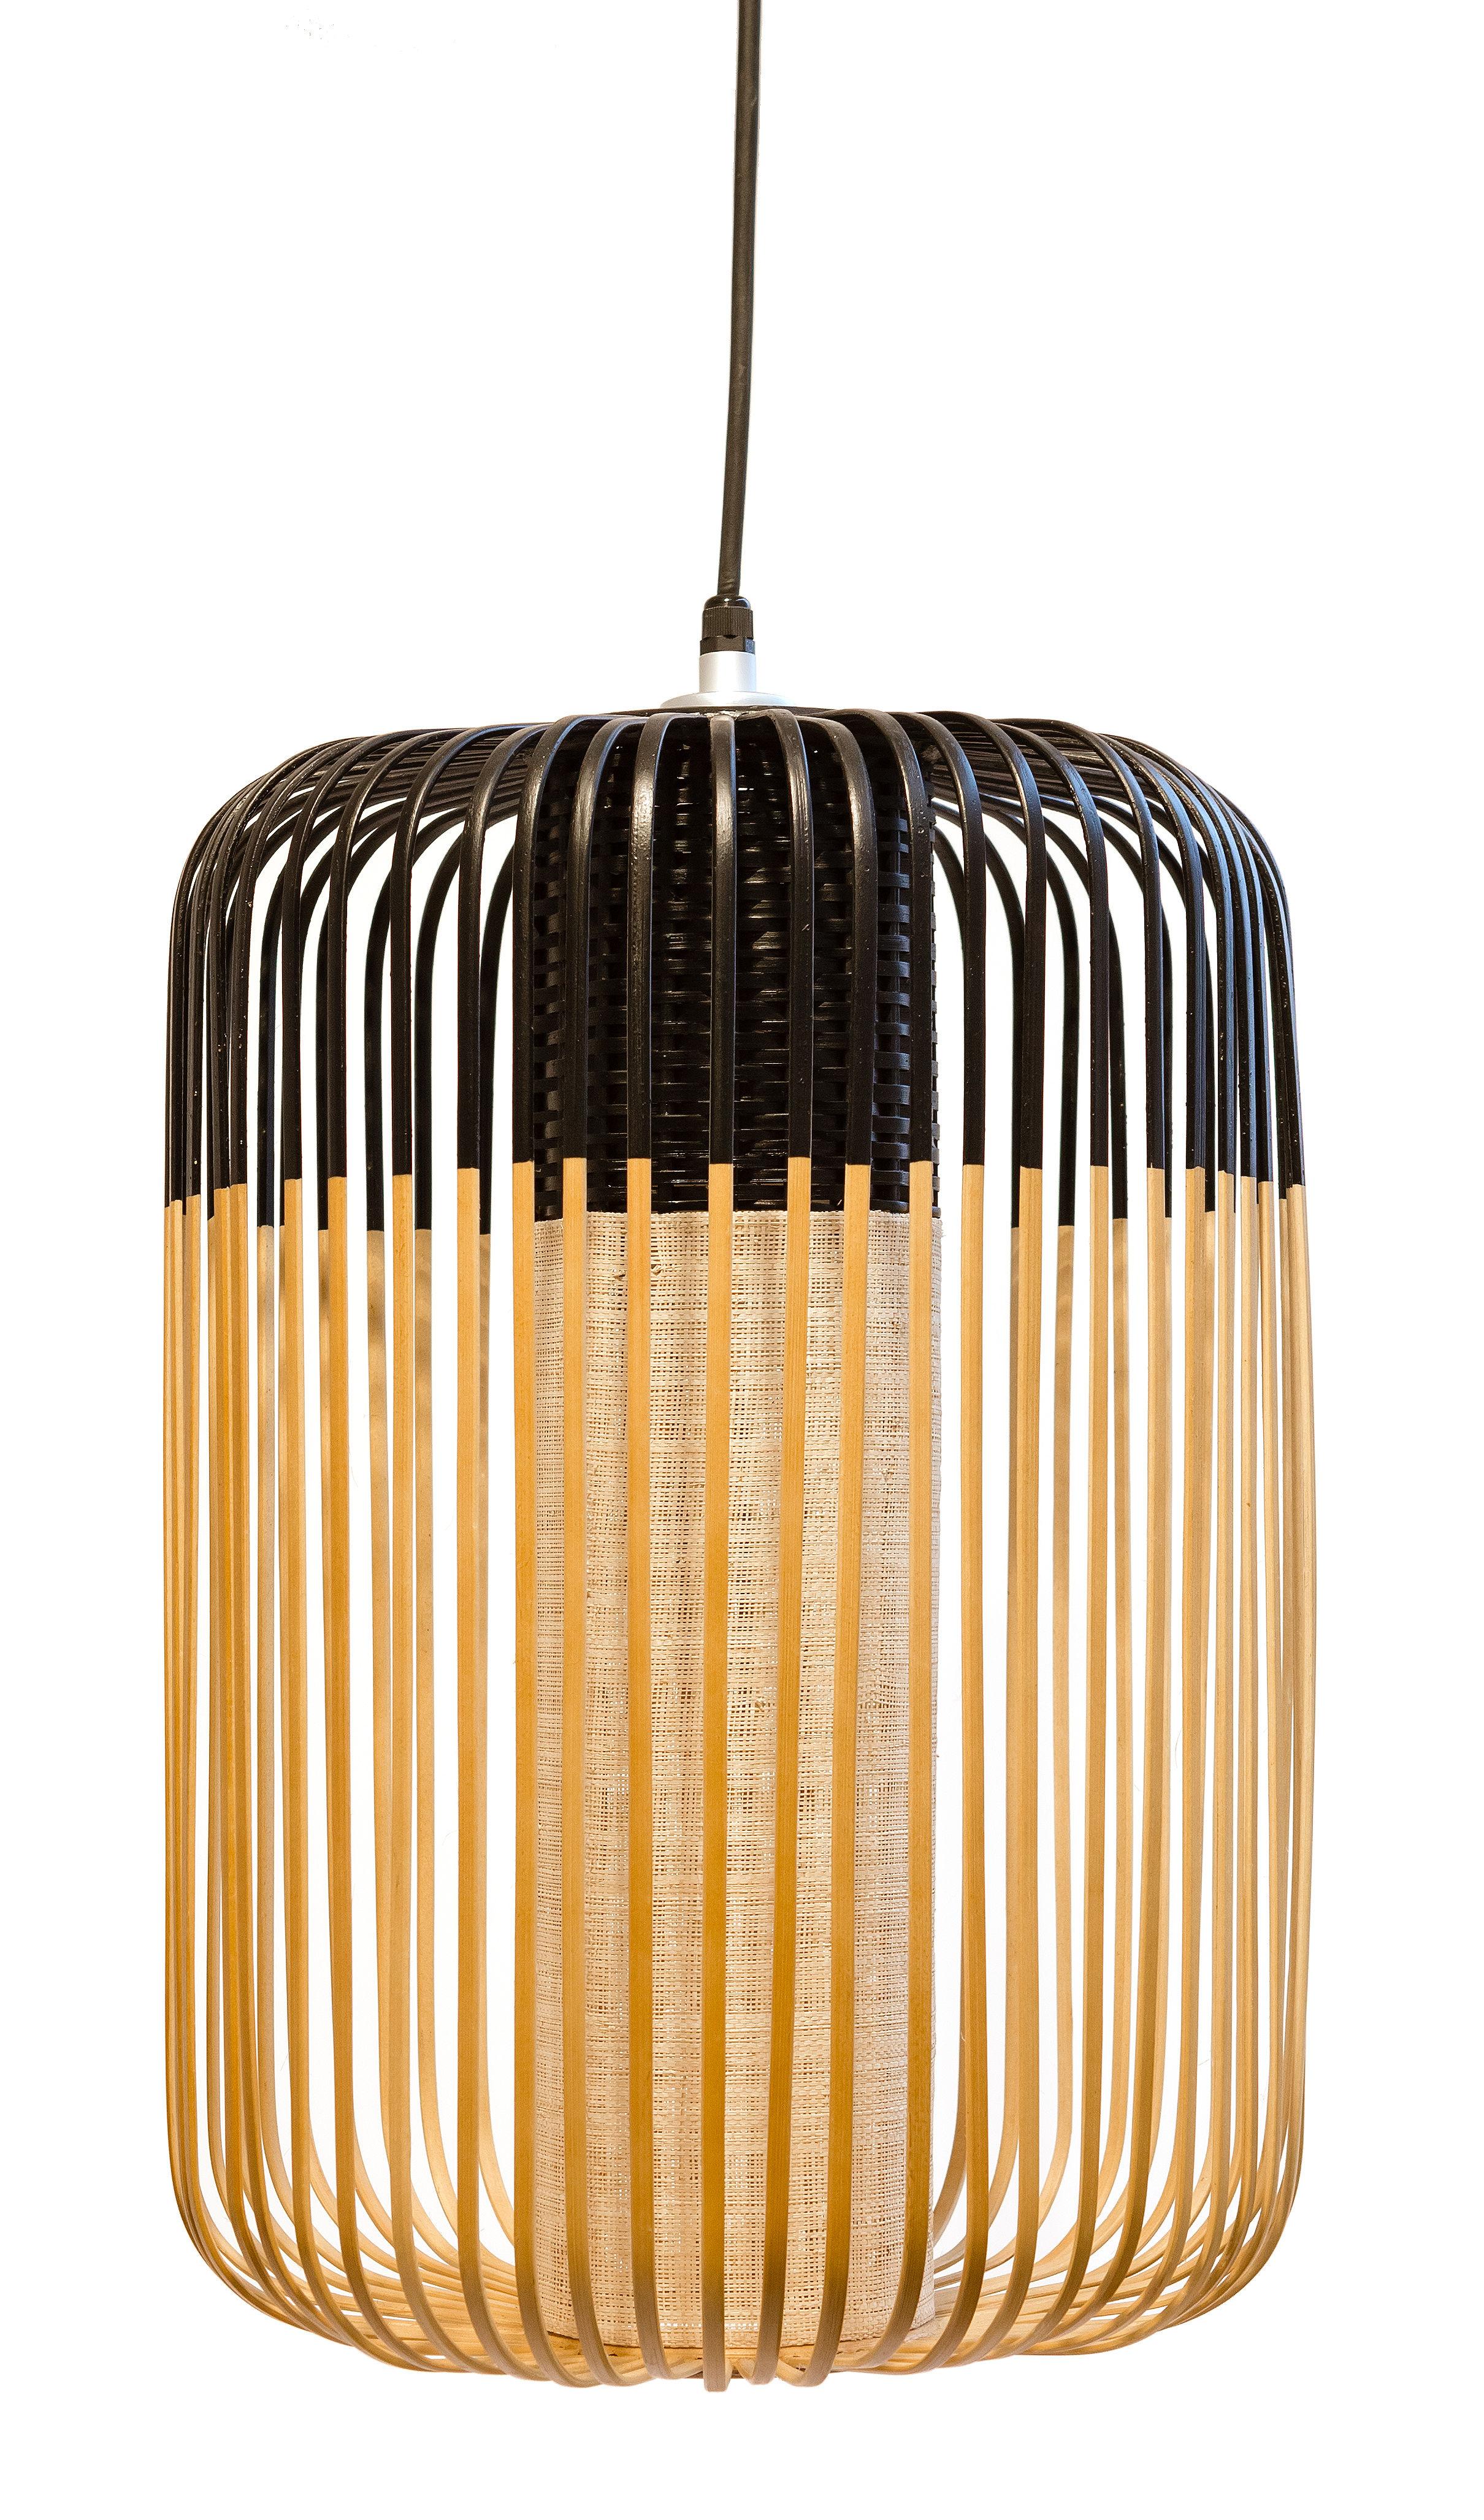 Luminaire - Suspensions - Suspension Bamboo Light L Outdoor / H 50 x Ø 35 cm - Forestier - Noir / Naturel - Bambou naturel, Caoutchouc